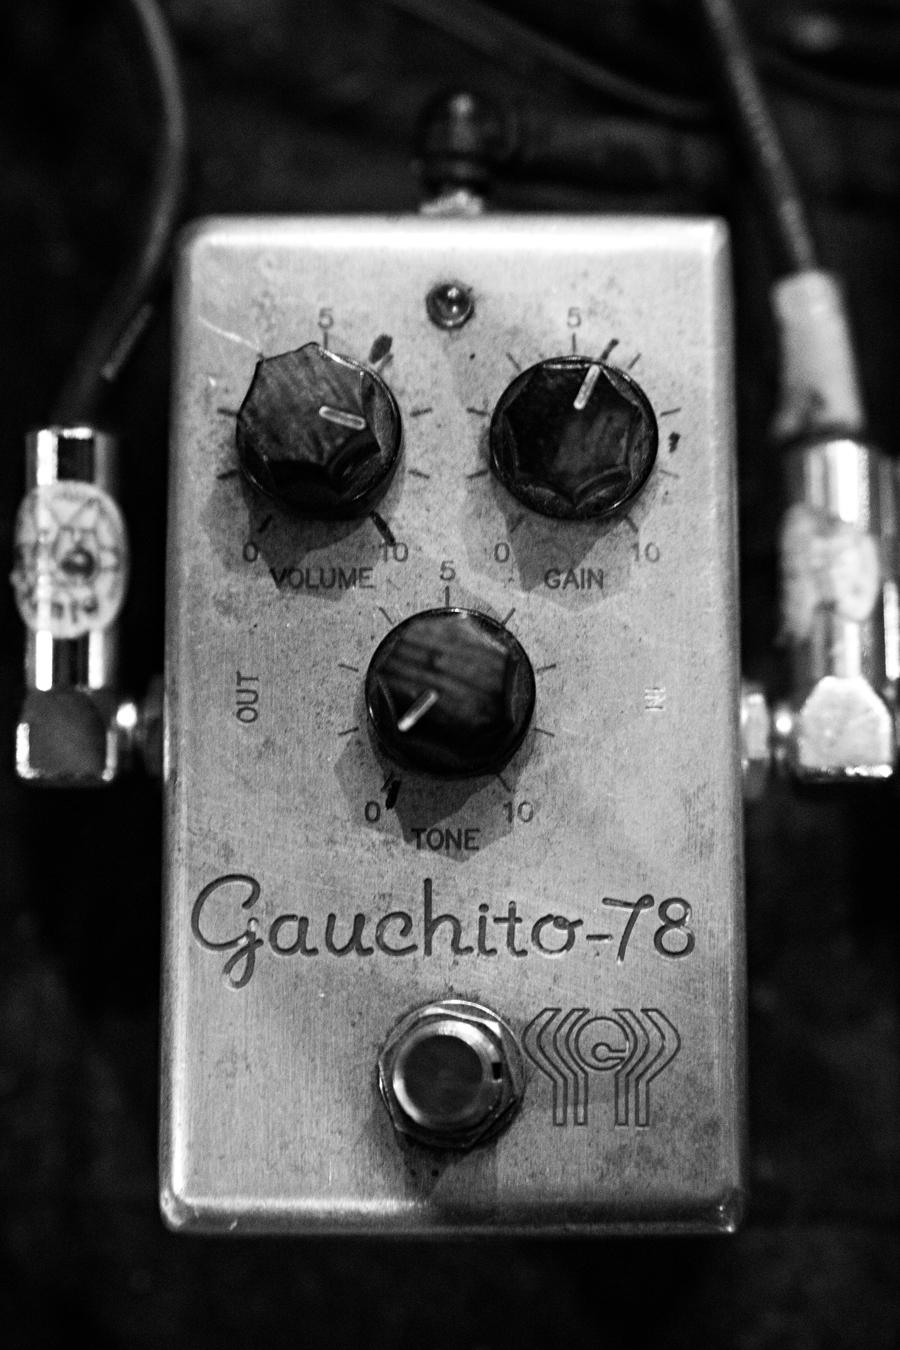 Gauchito78.jpg